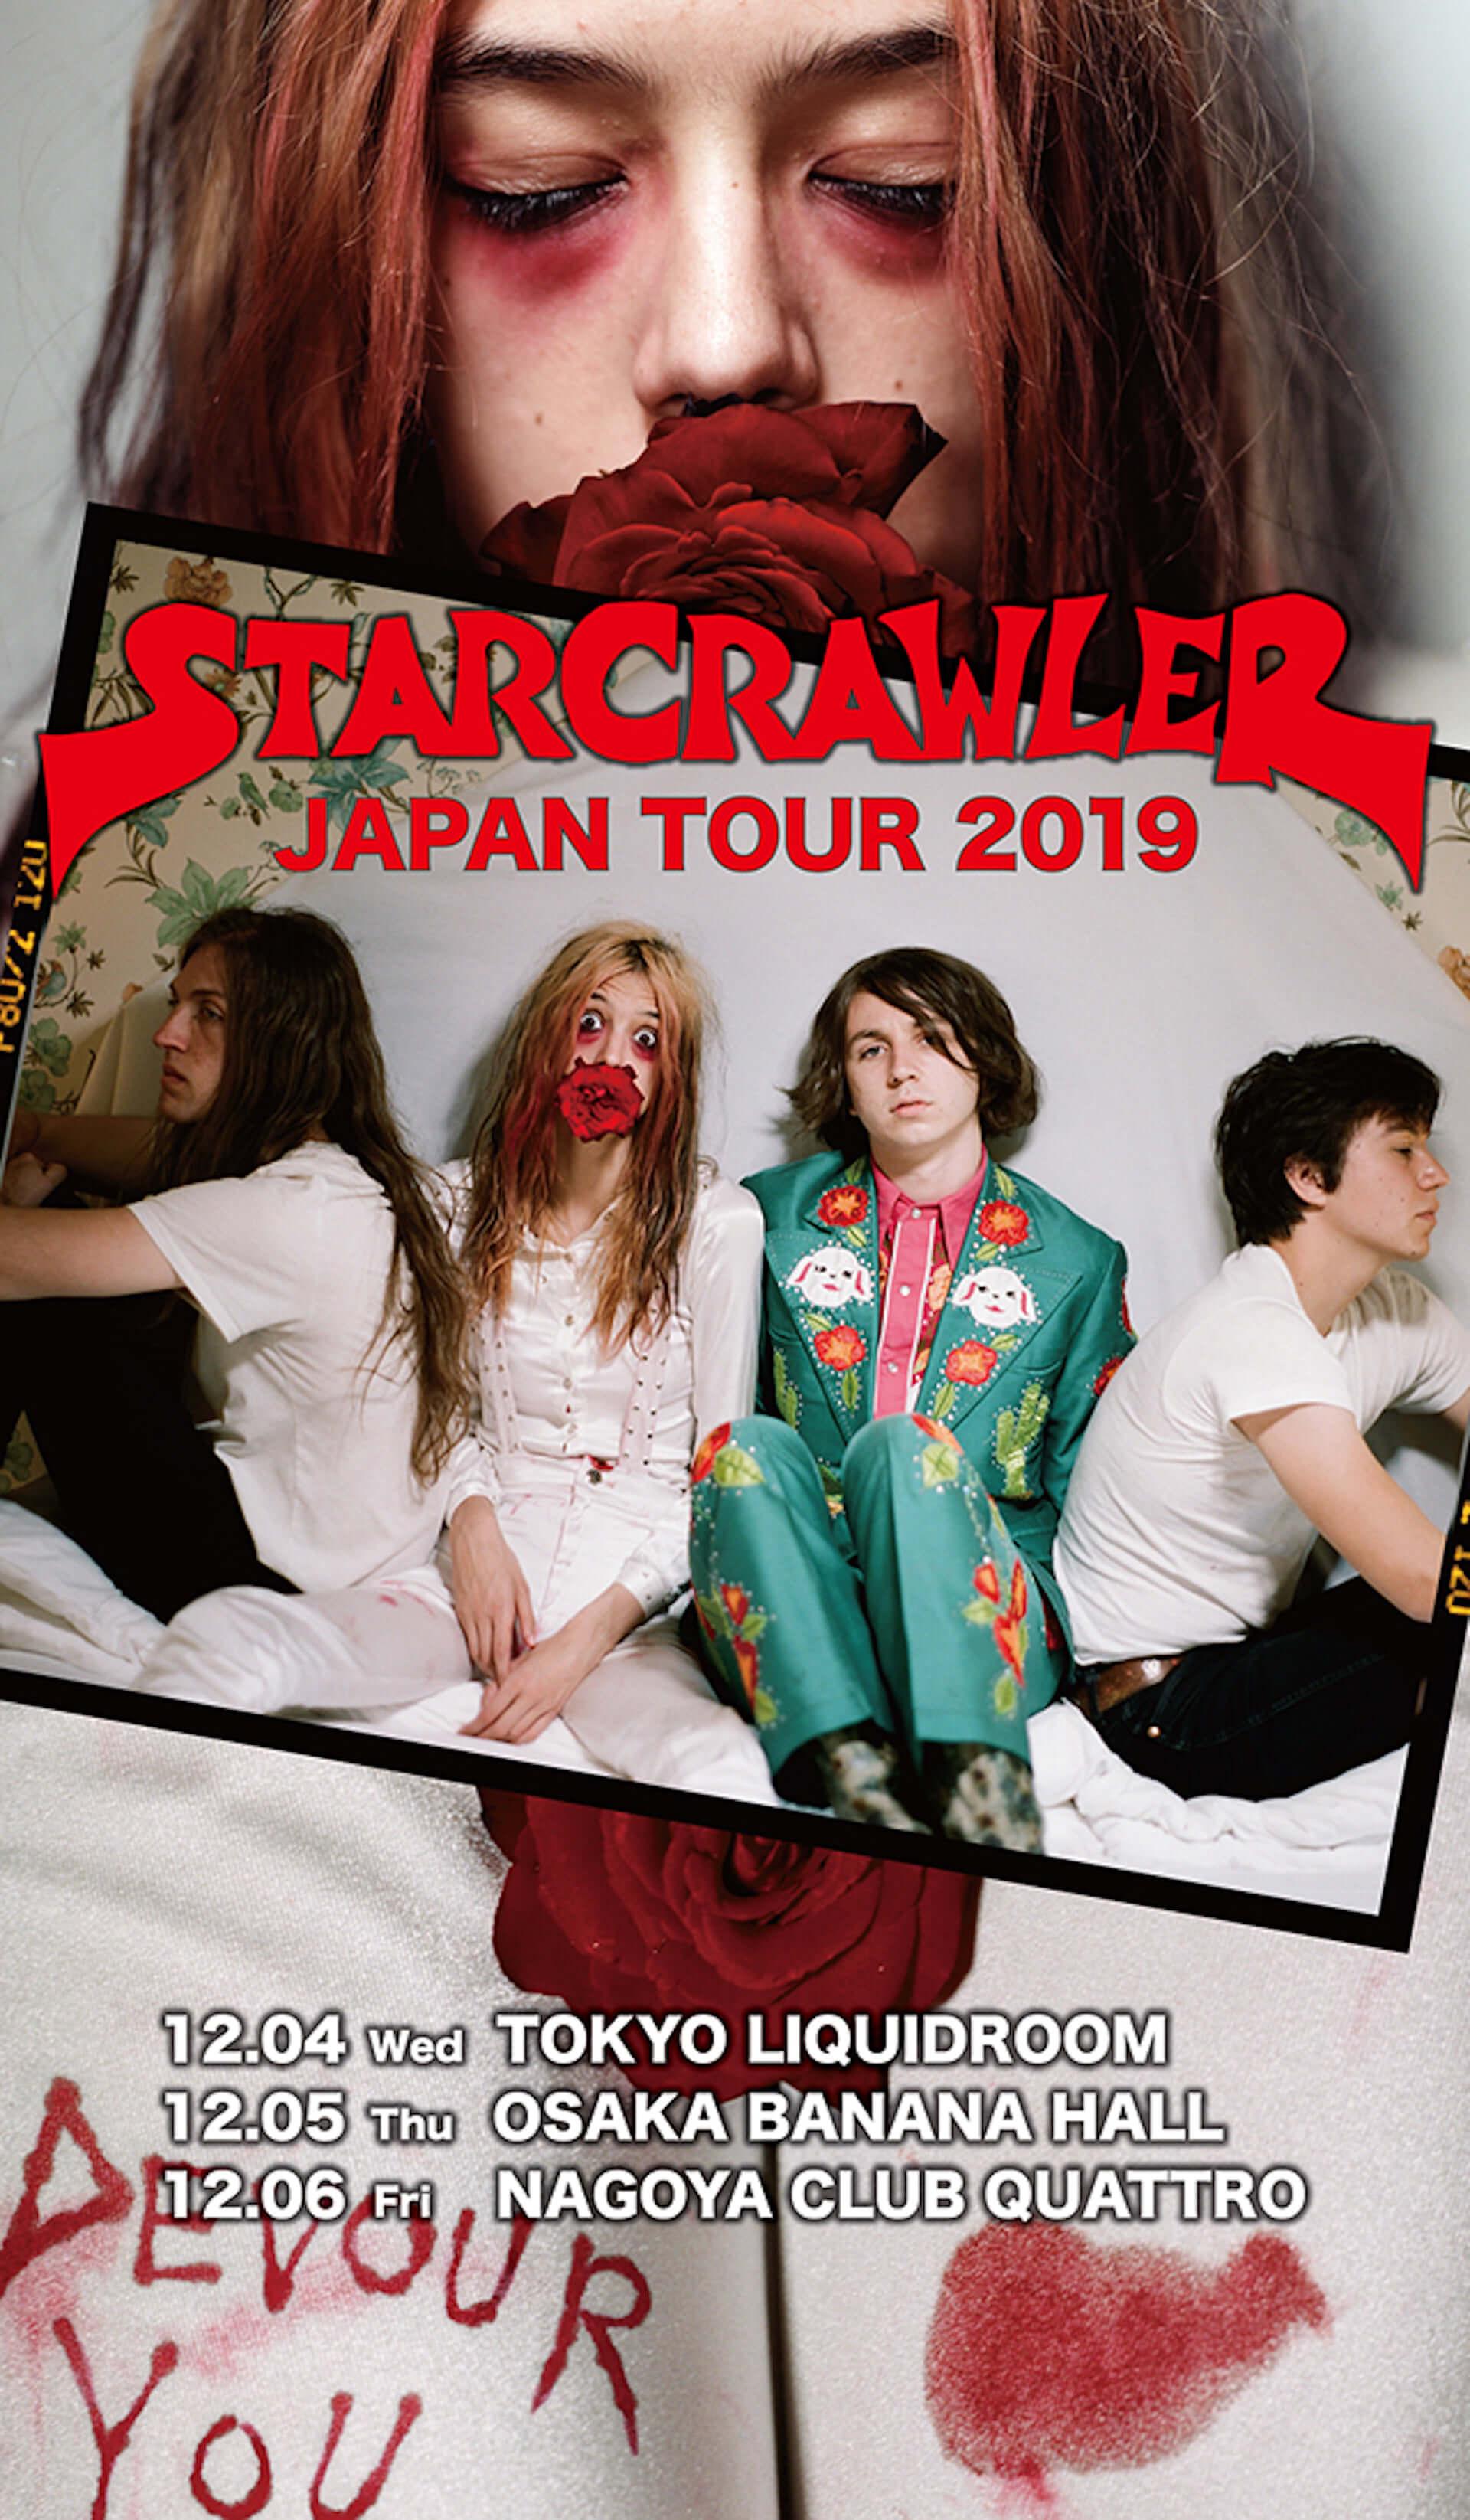 サポートアクトにNo Busesが決定!世界を震撼させるバンド、スタークローラーのジャパン・ツアーが来週よりスタート music191127-starcrawler-mian-1920x3291